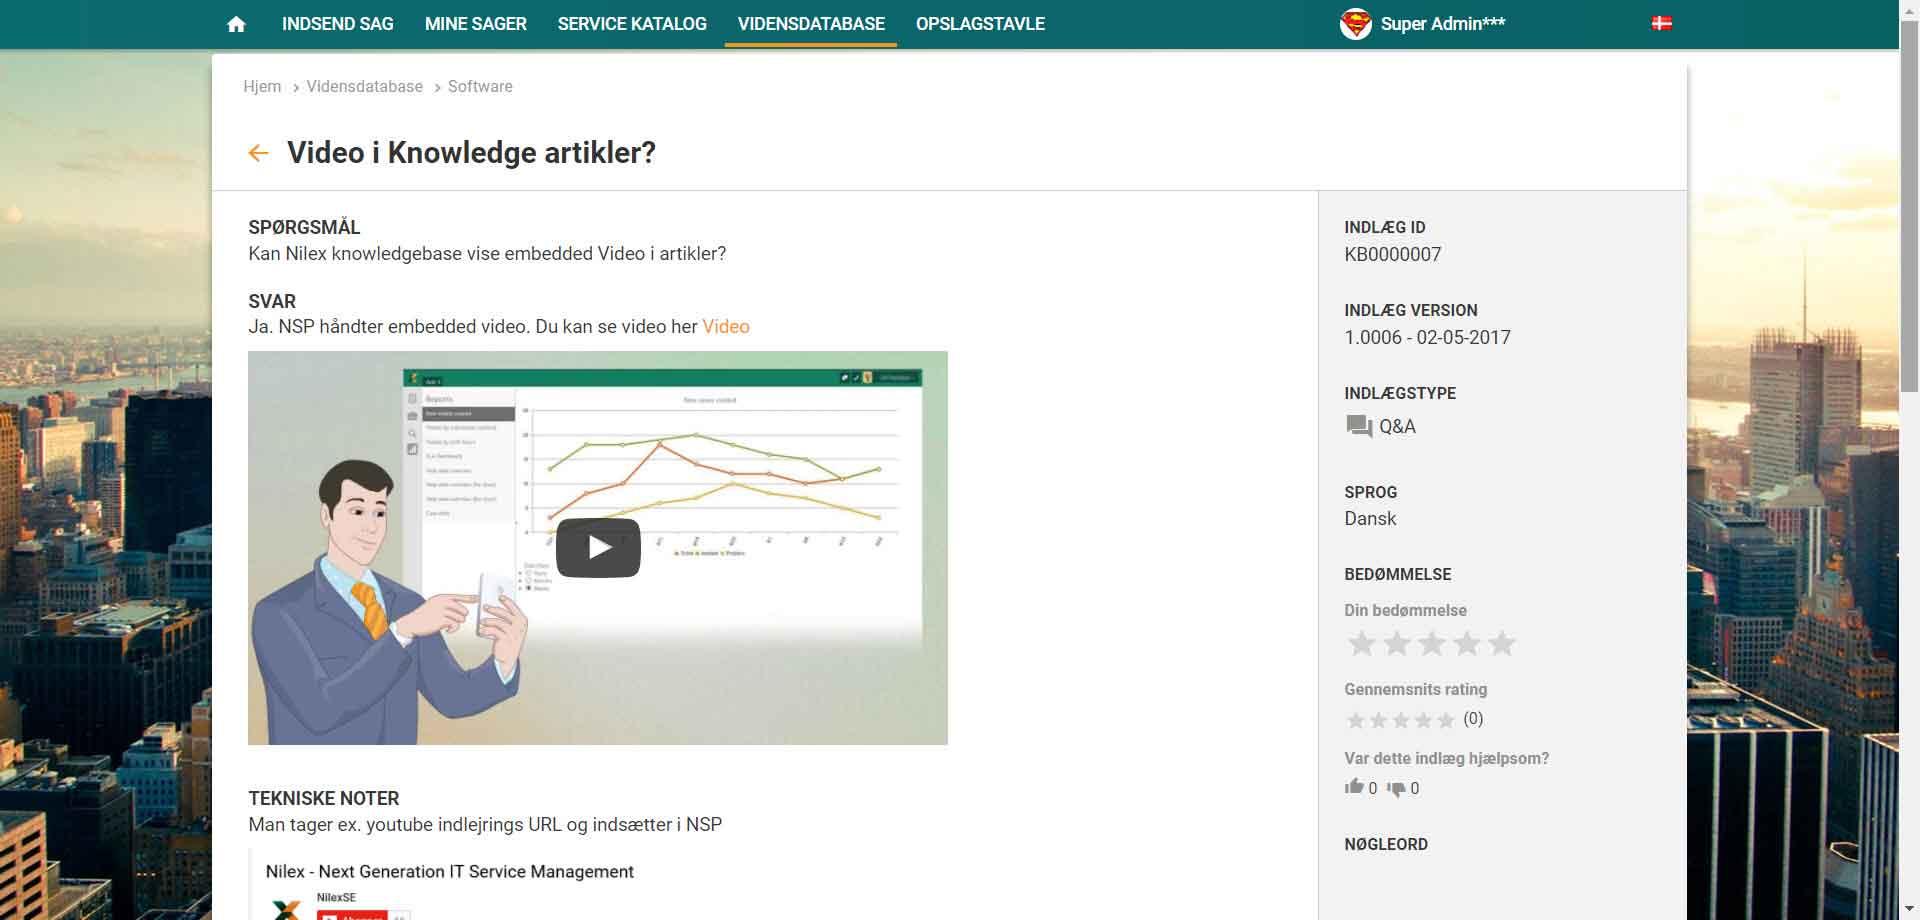 Vidensdatabase knowledge artikel screenshot